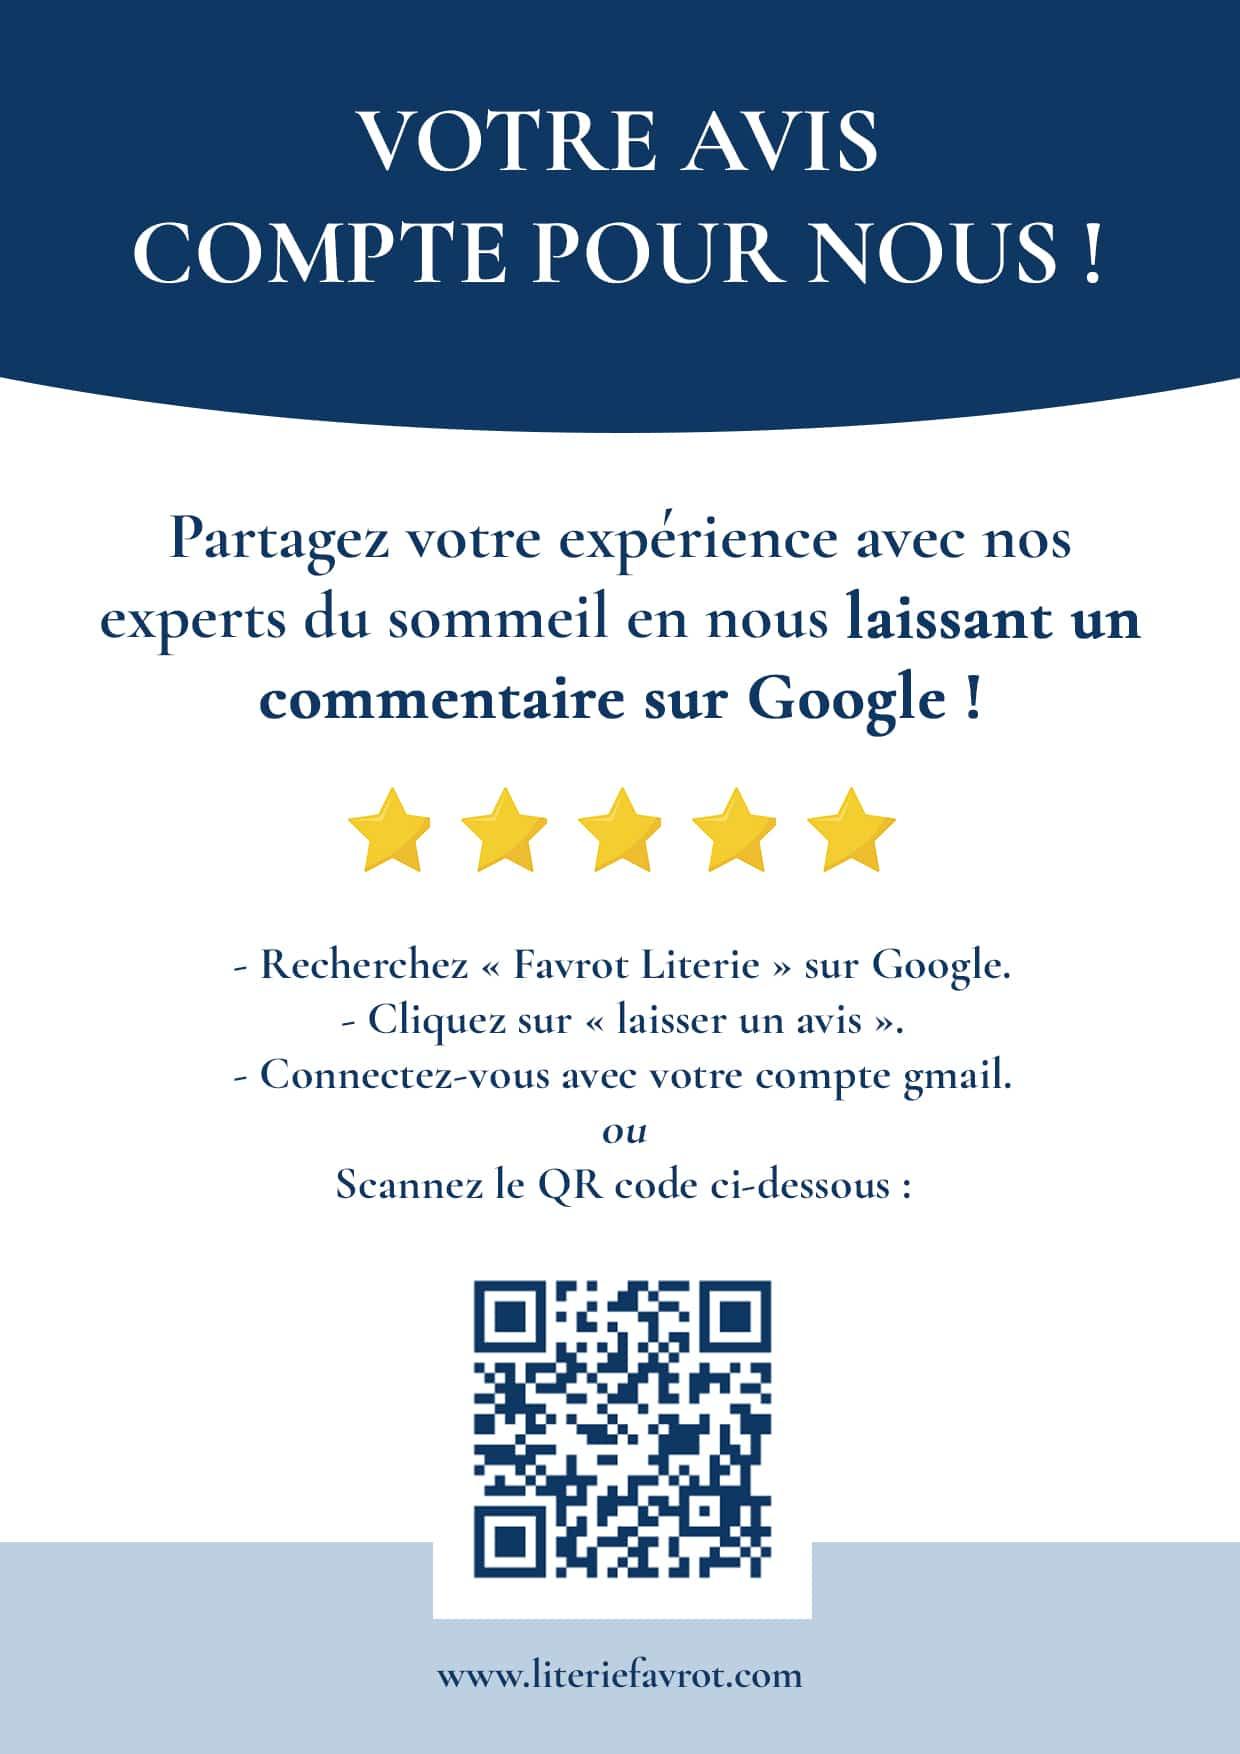 affiche pour obtenir plus d'avis google